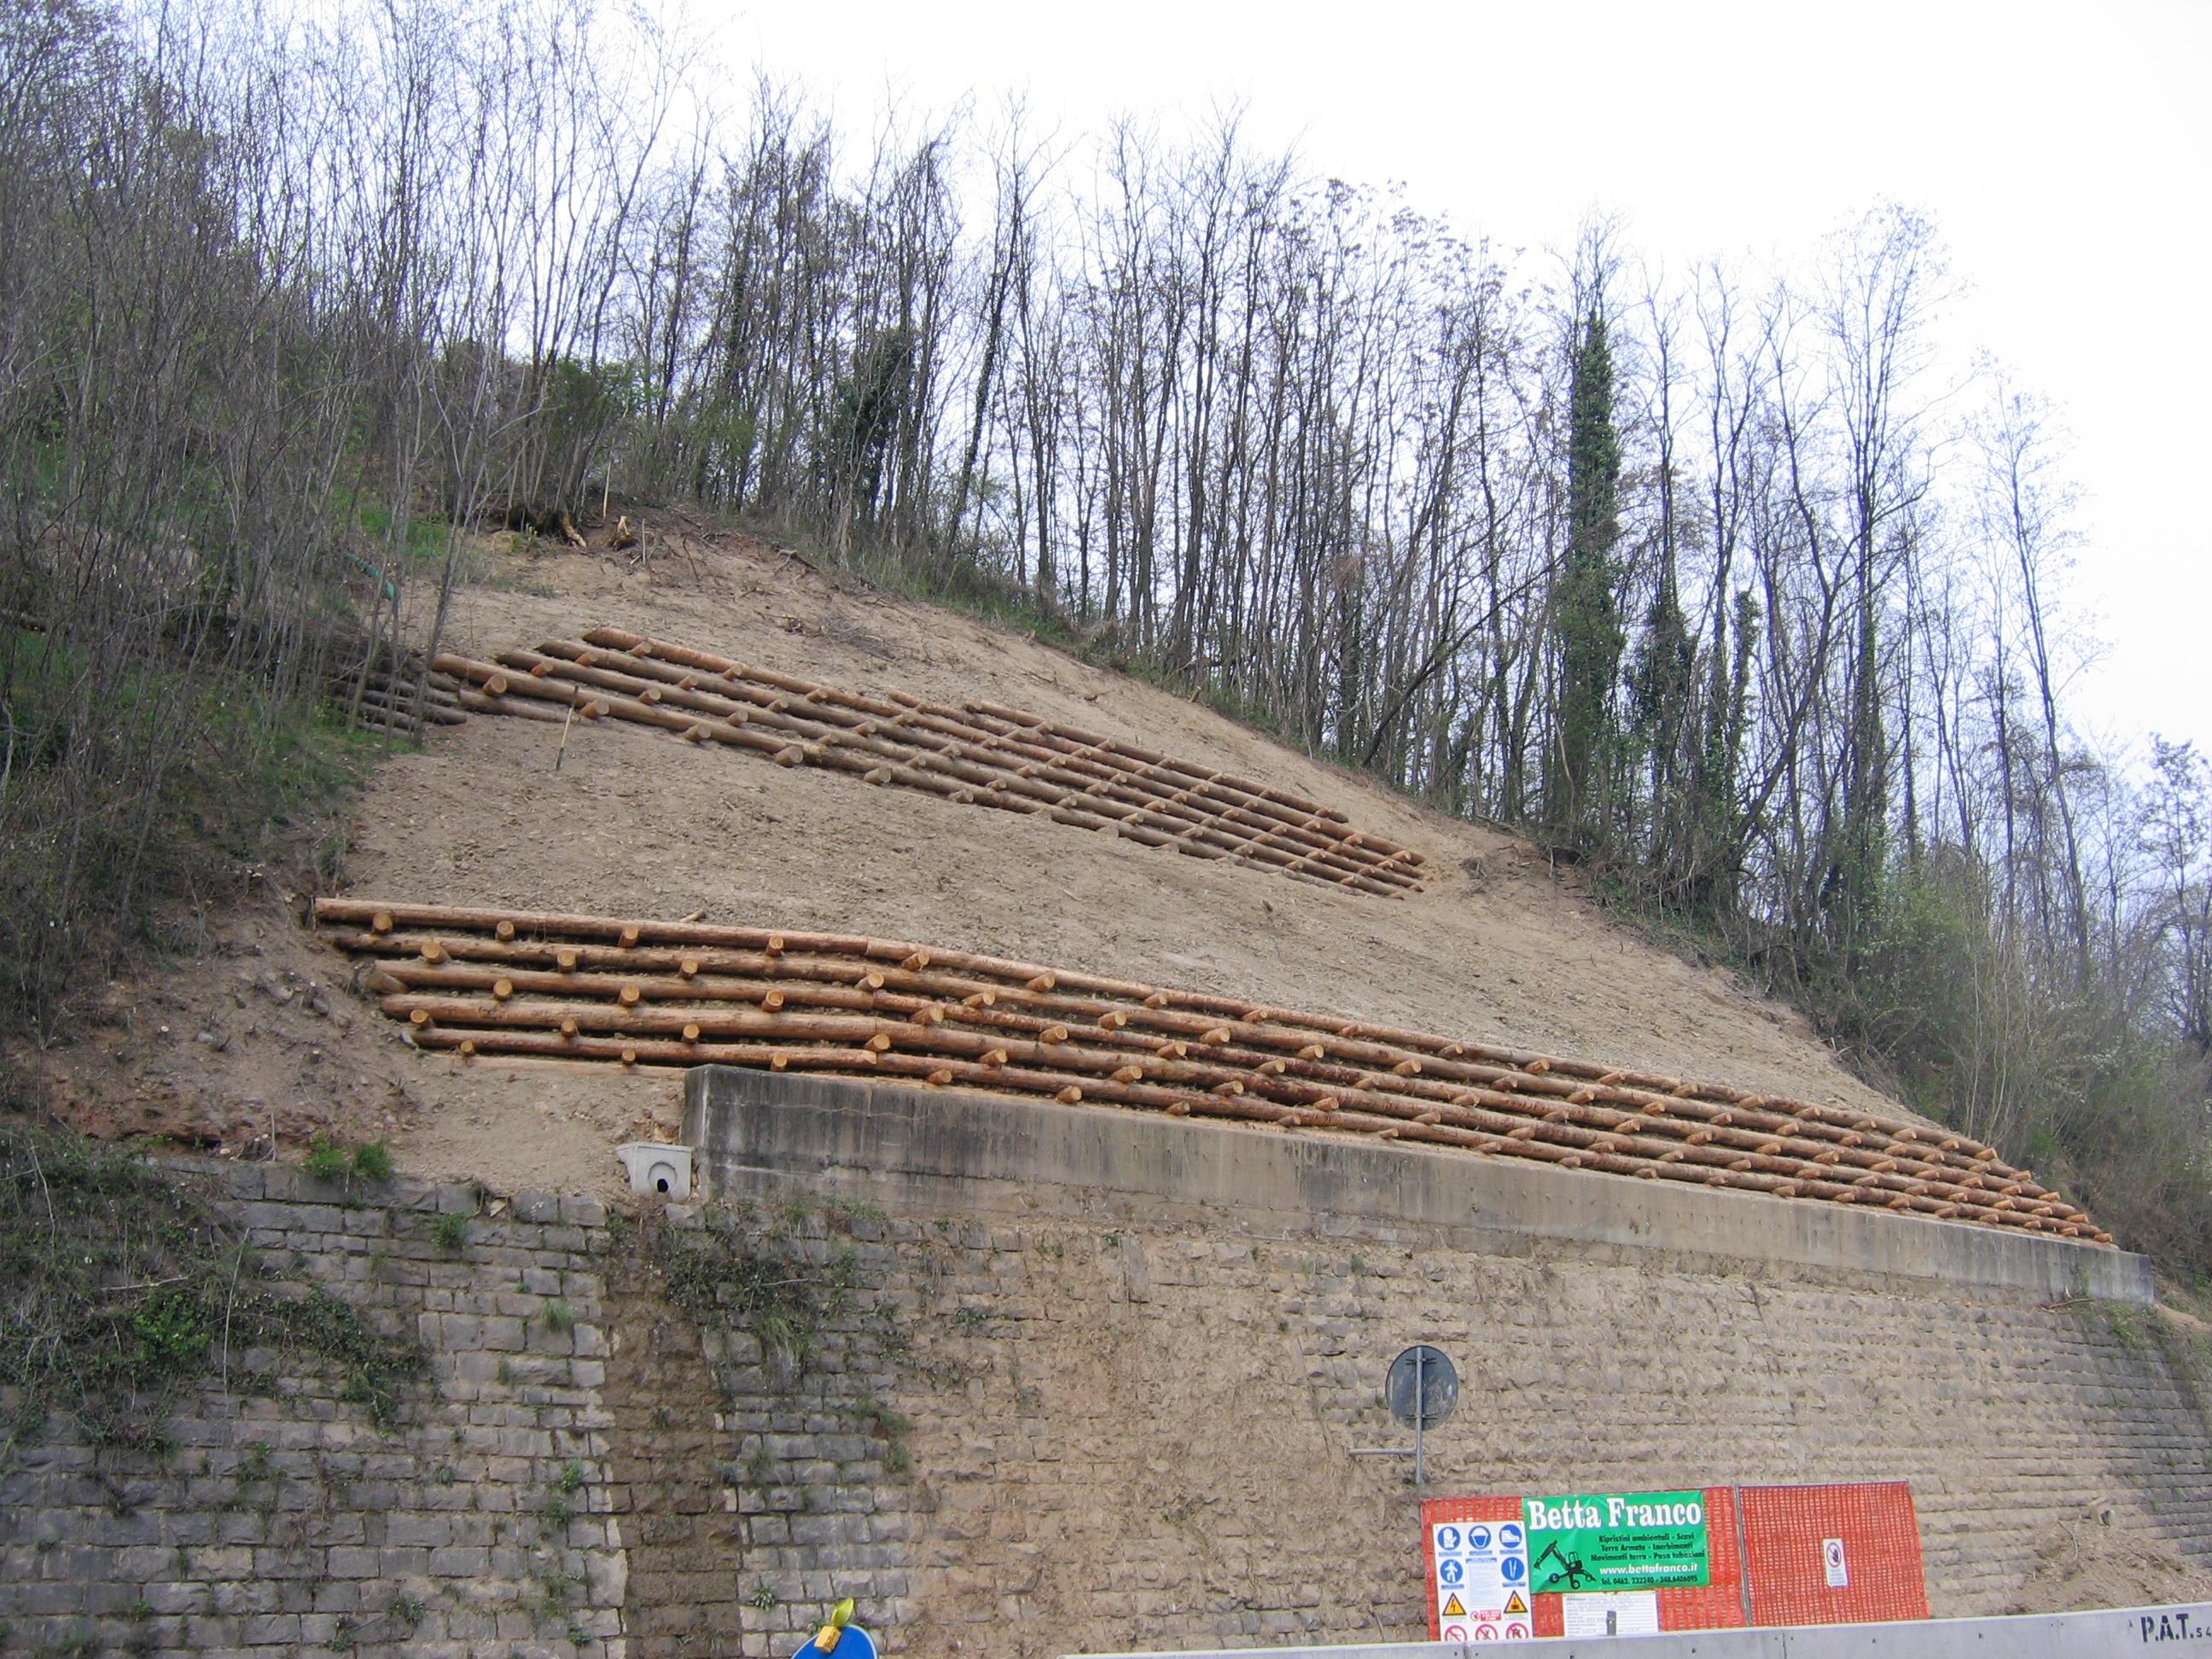 opere di ingegneria naturalistica arce e muri in legname